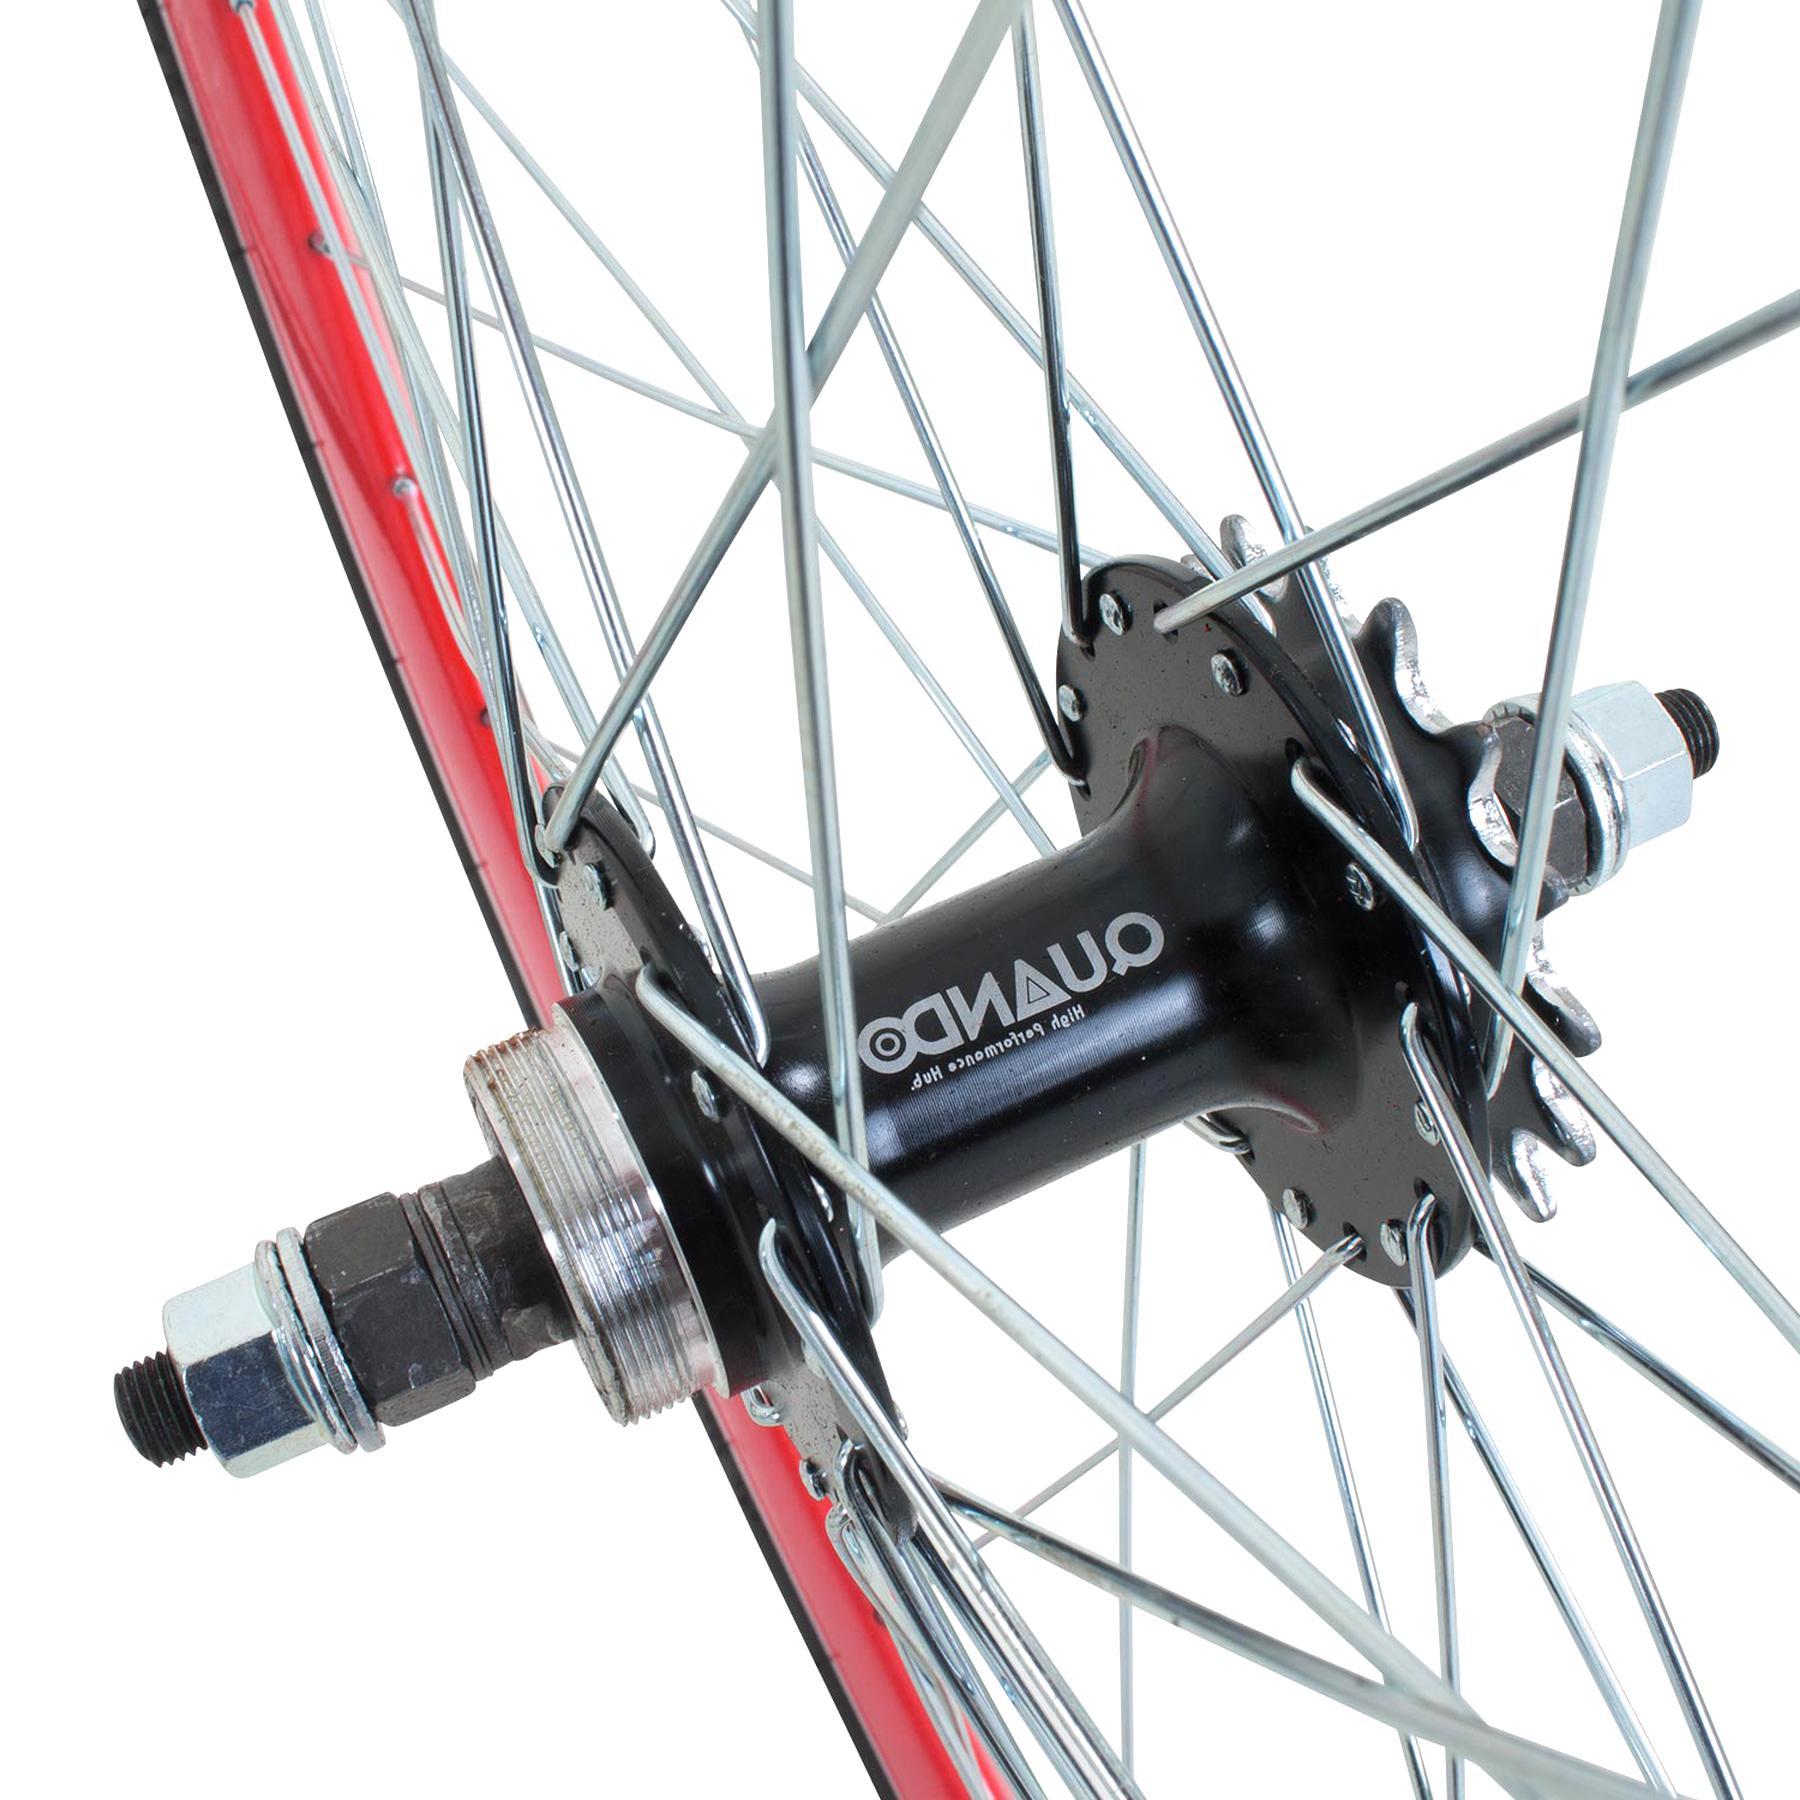 single speed hinterrad gebraucht kaufen